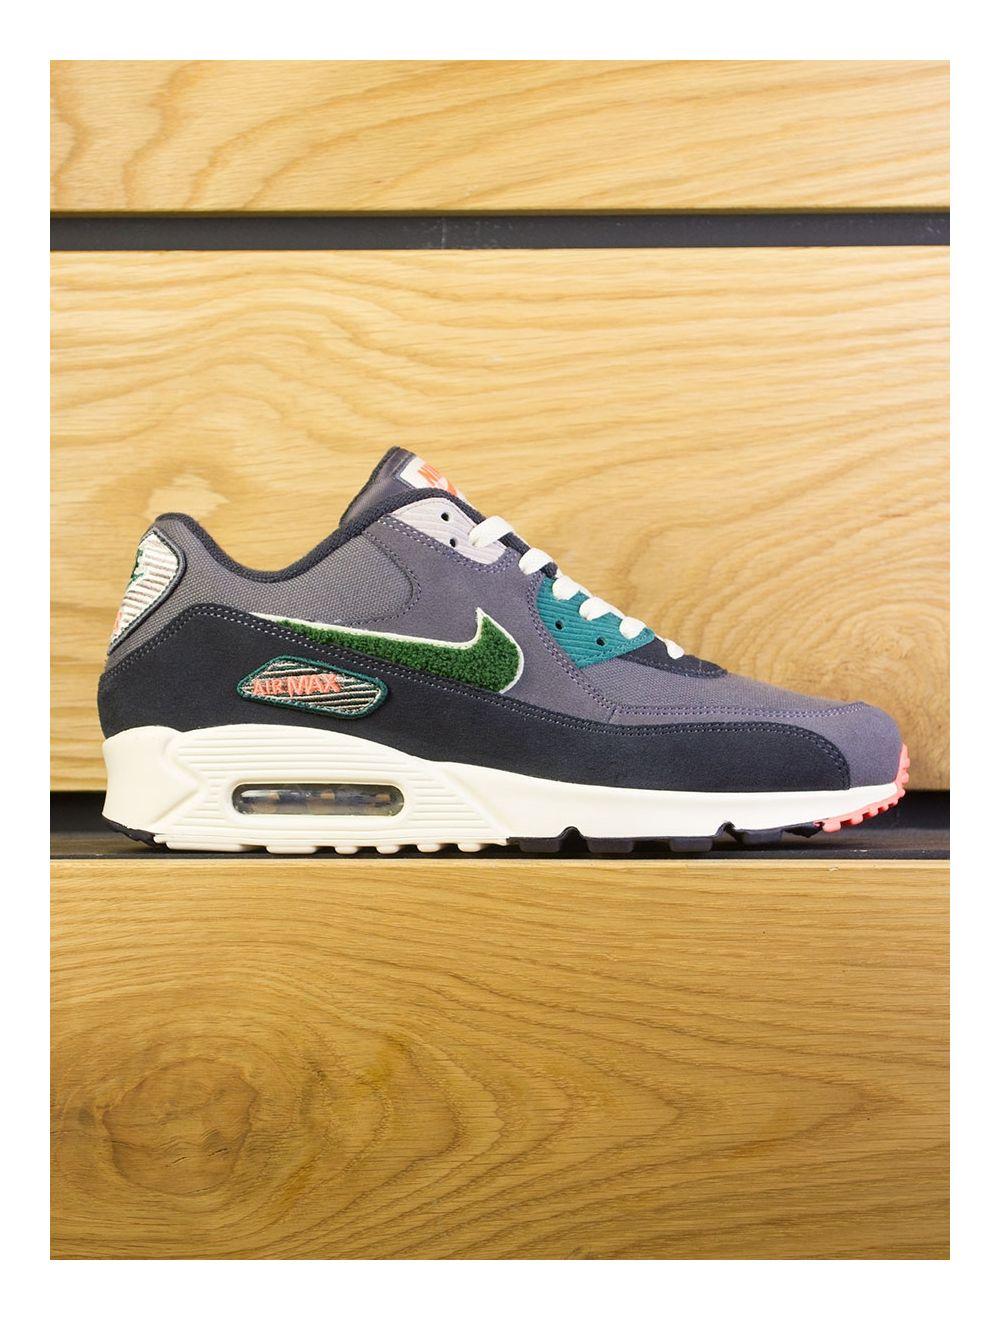 sports shoes 9dbb3 05749 Nike Air Max 90 Premium SE - Oil Grey Rainforest